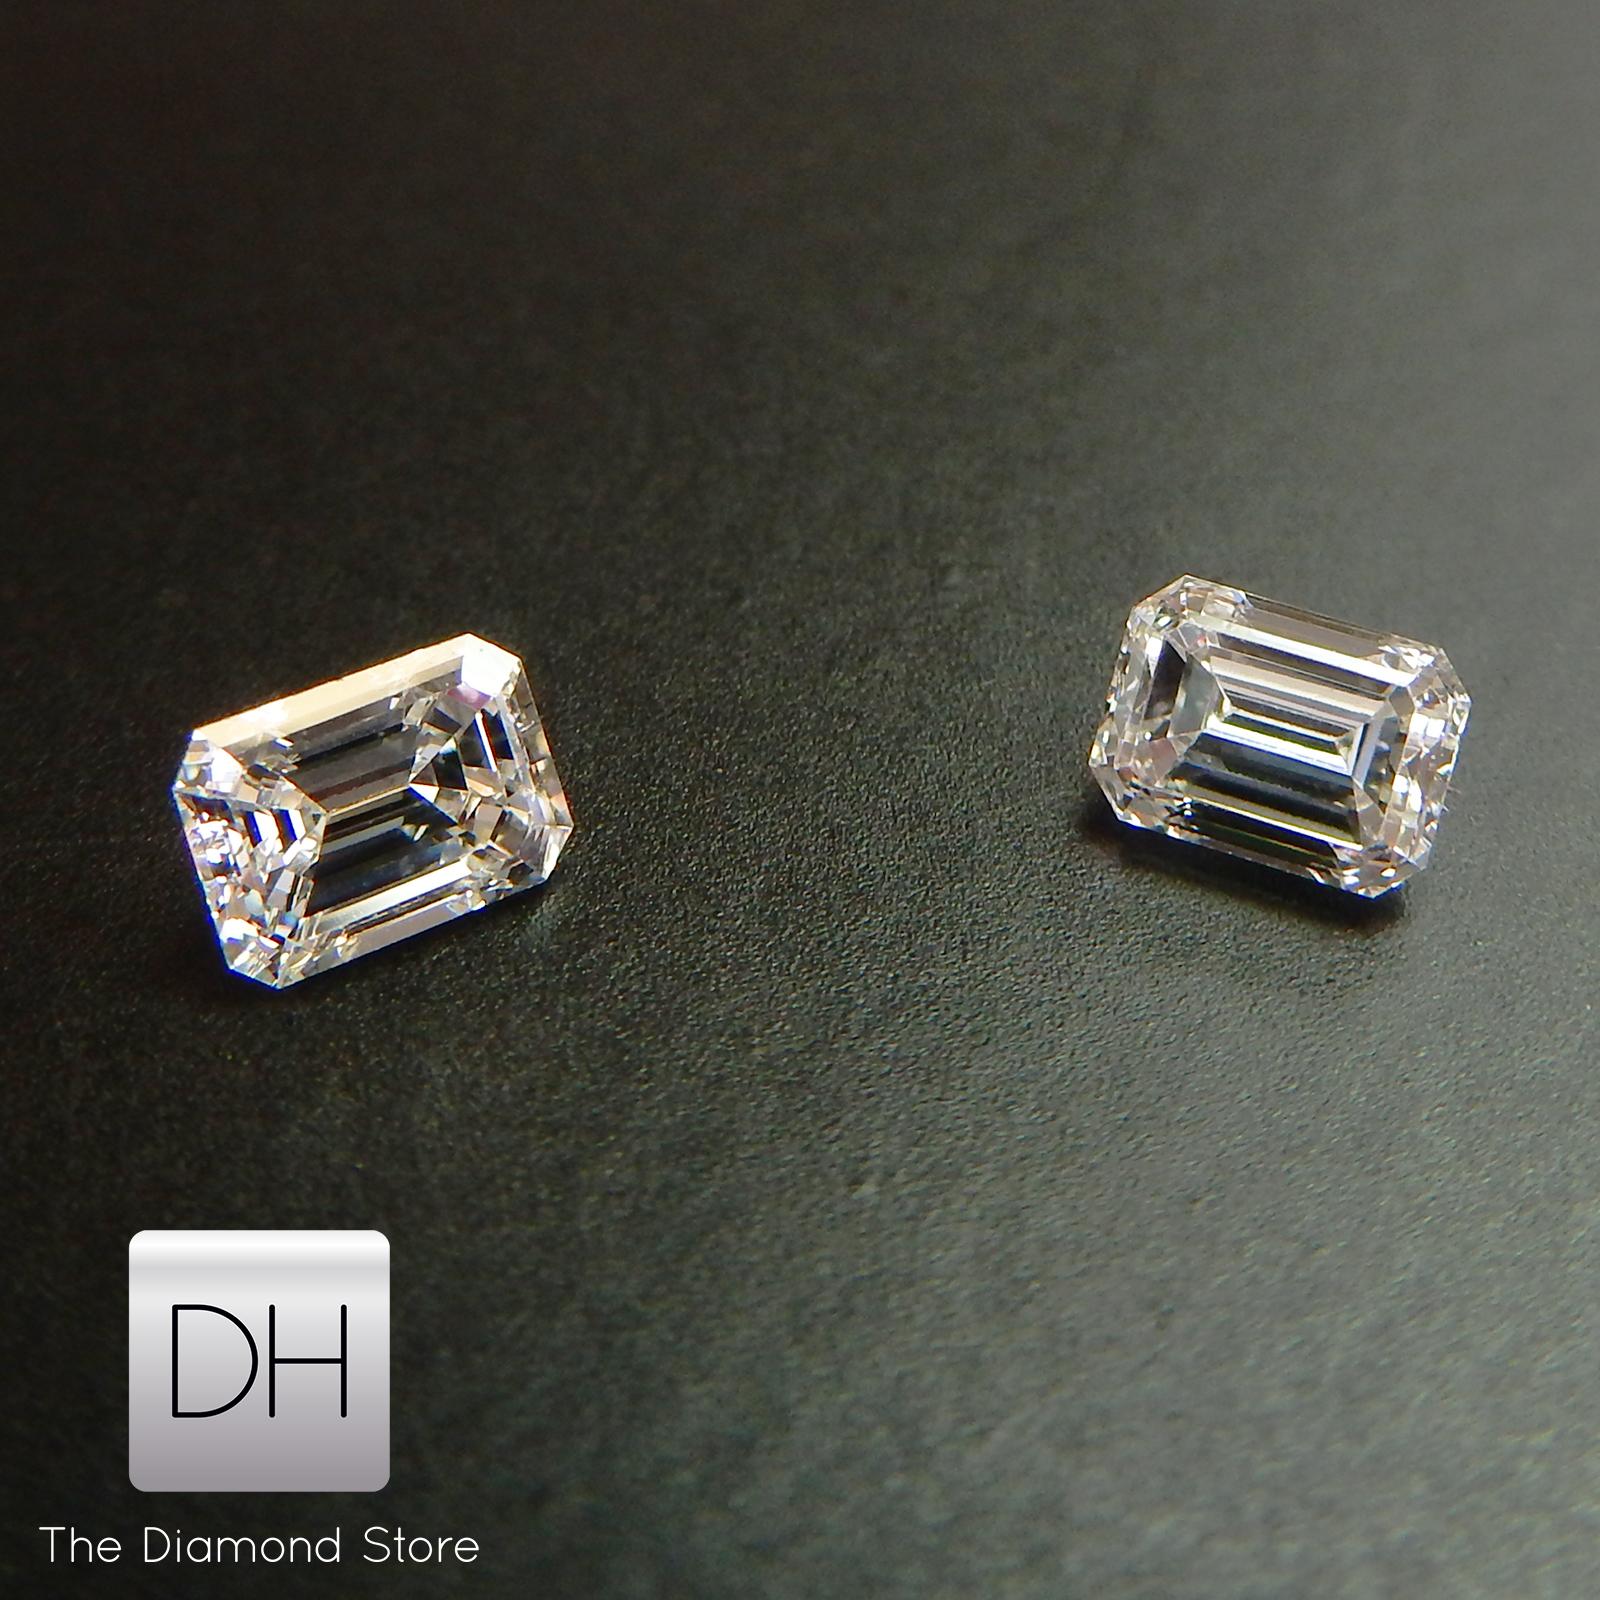 Les fr0e8res hra cordialement et fi0e8rement pr0e9sente aux redevances dans le monde entier, le 100,57 carat diamant